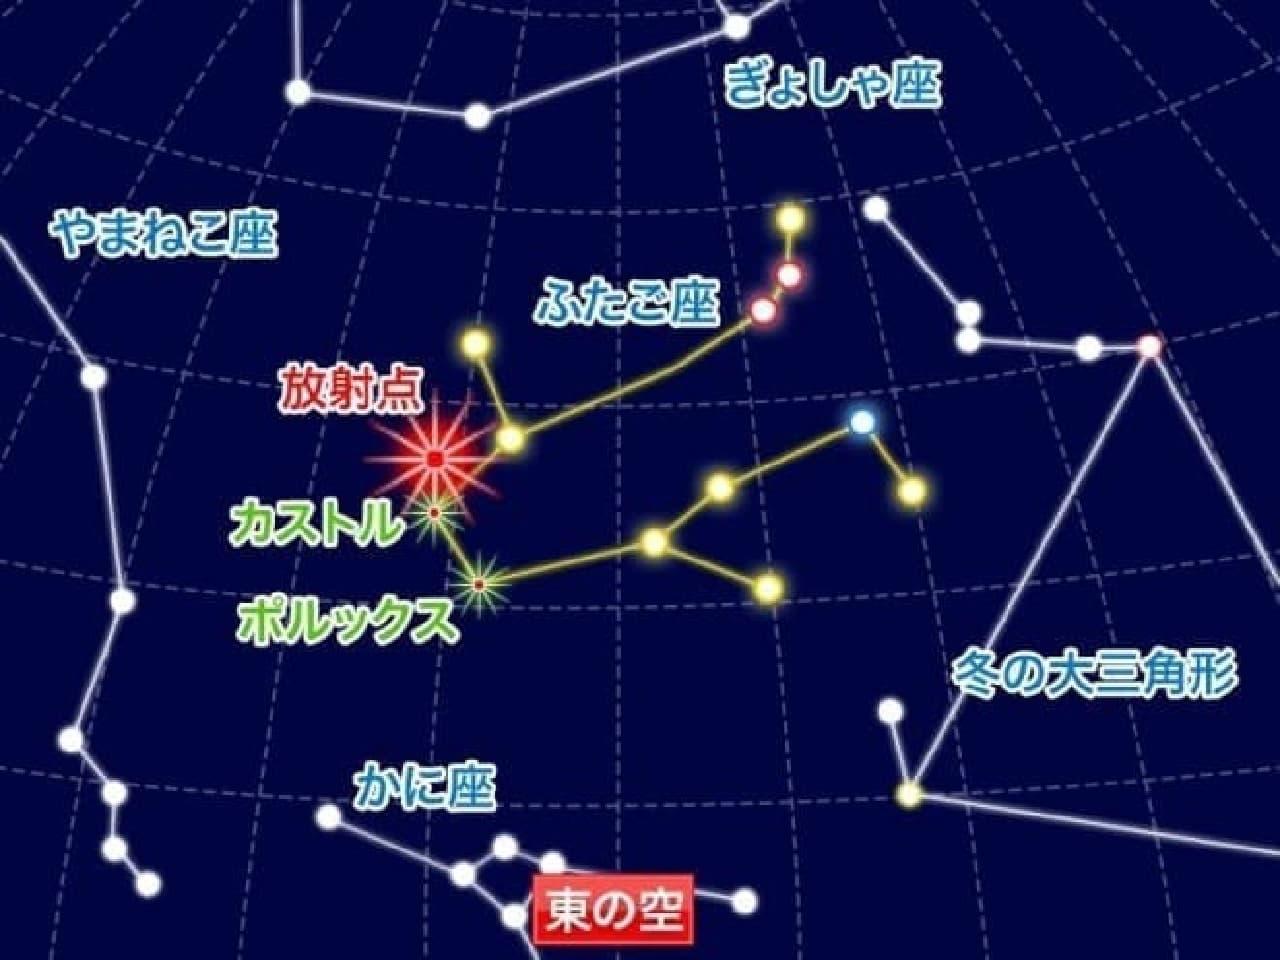 12月13日は「ふたご座流星群」…ウェザーニューズが全国の天気傾向を発表